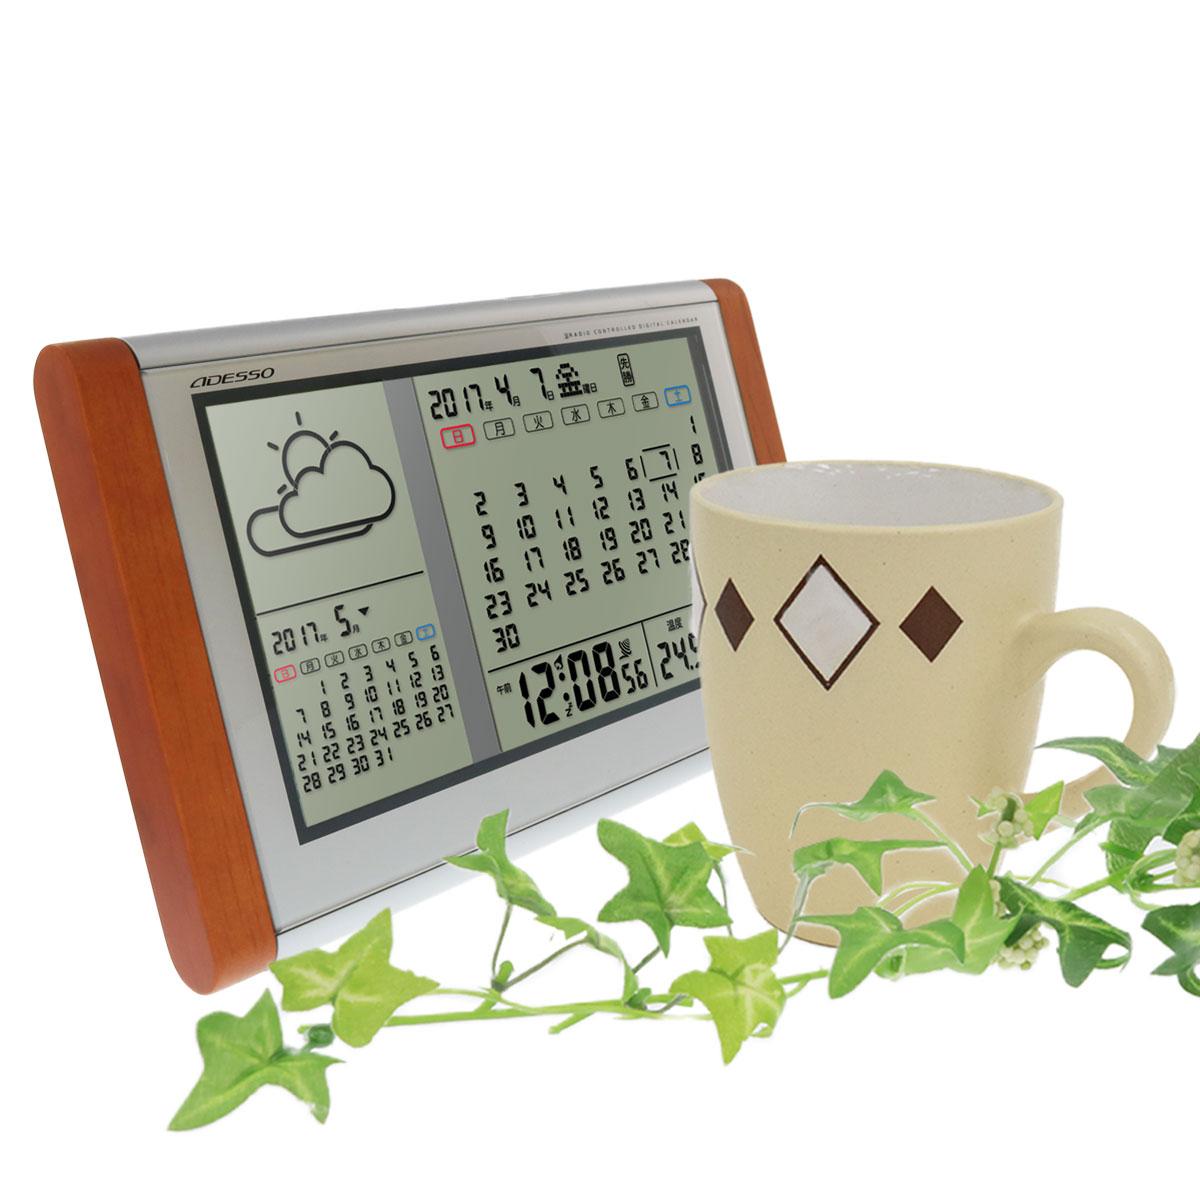 カレンダー天気電波時計 2ヶ月カレンダー表示機能付